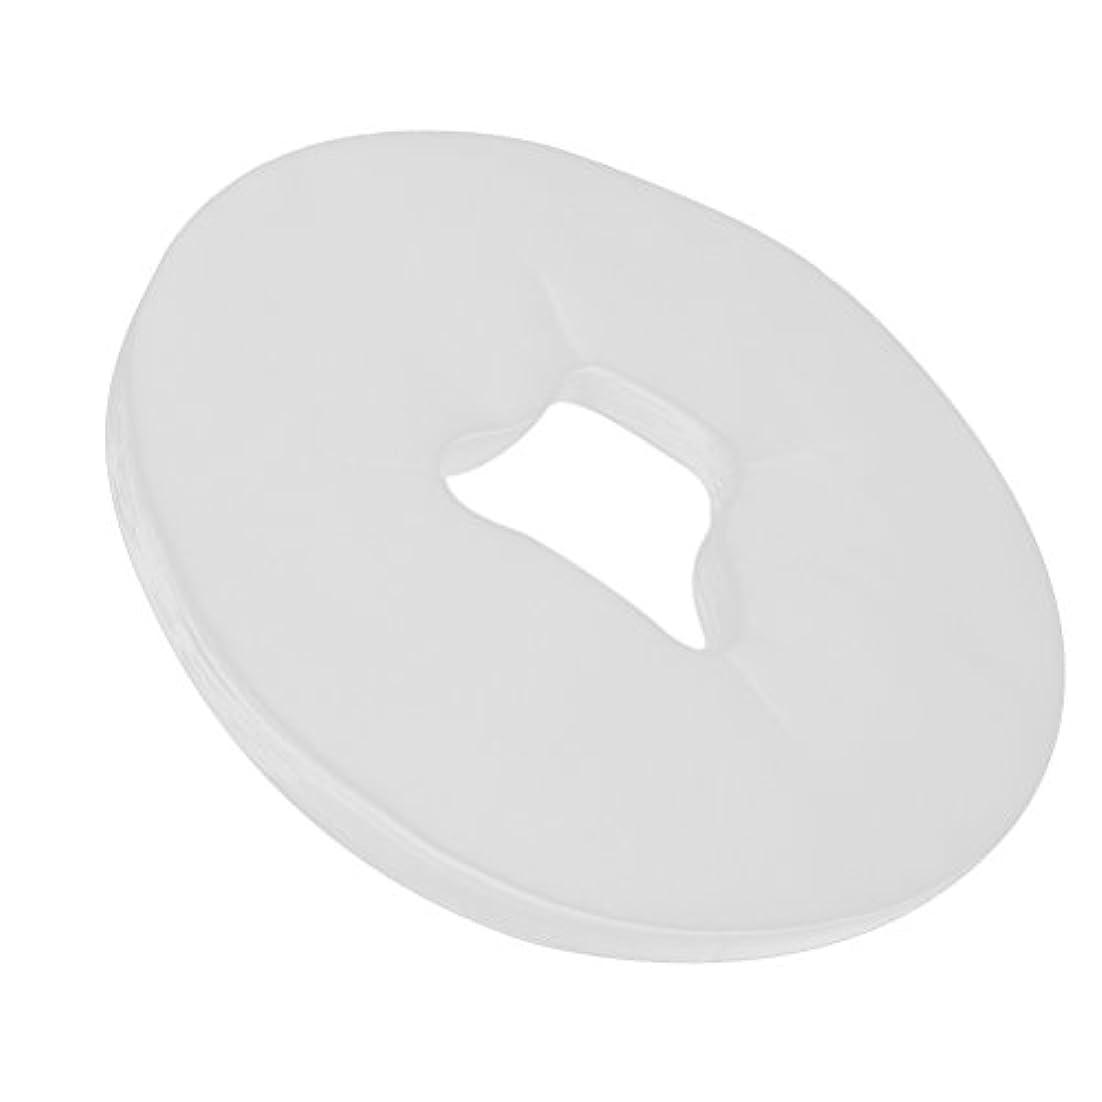 Healifty 100Pcs使い捨て可能な表面揺りかごはマッサージのテーブルのためのマッサージの表面残りカバーを覆います